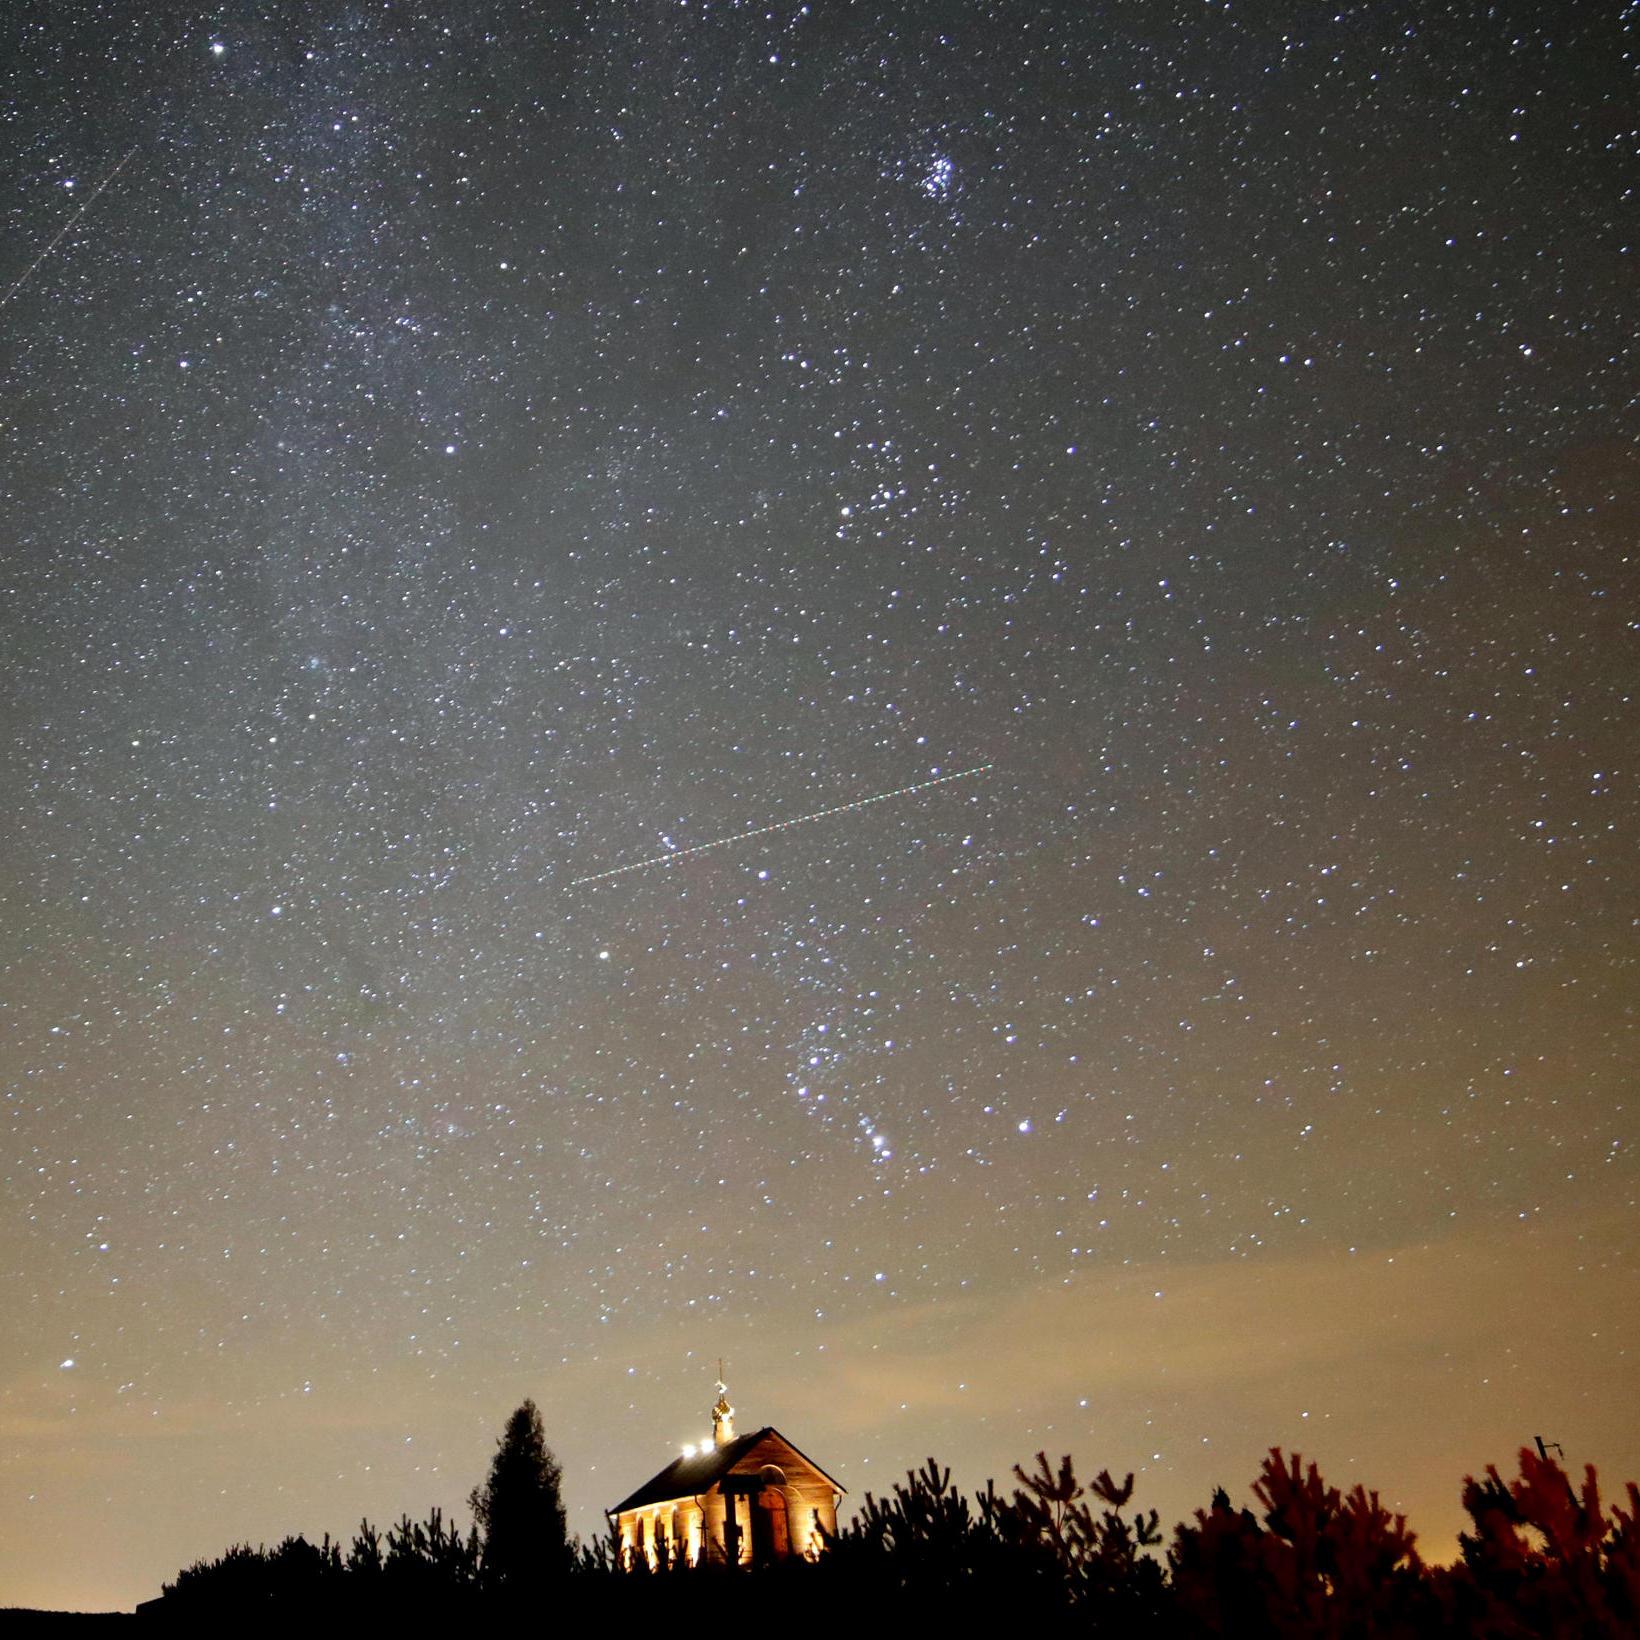 Wo Sie Die Geminiden Am Besten Sehen Können in Sternschnuppe Bilder Gratis